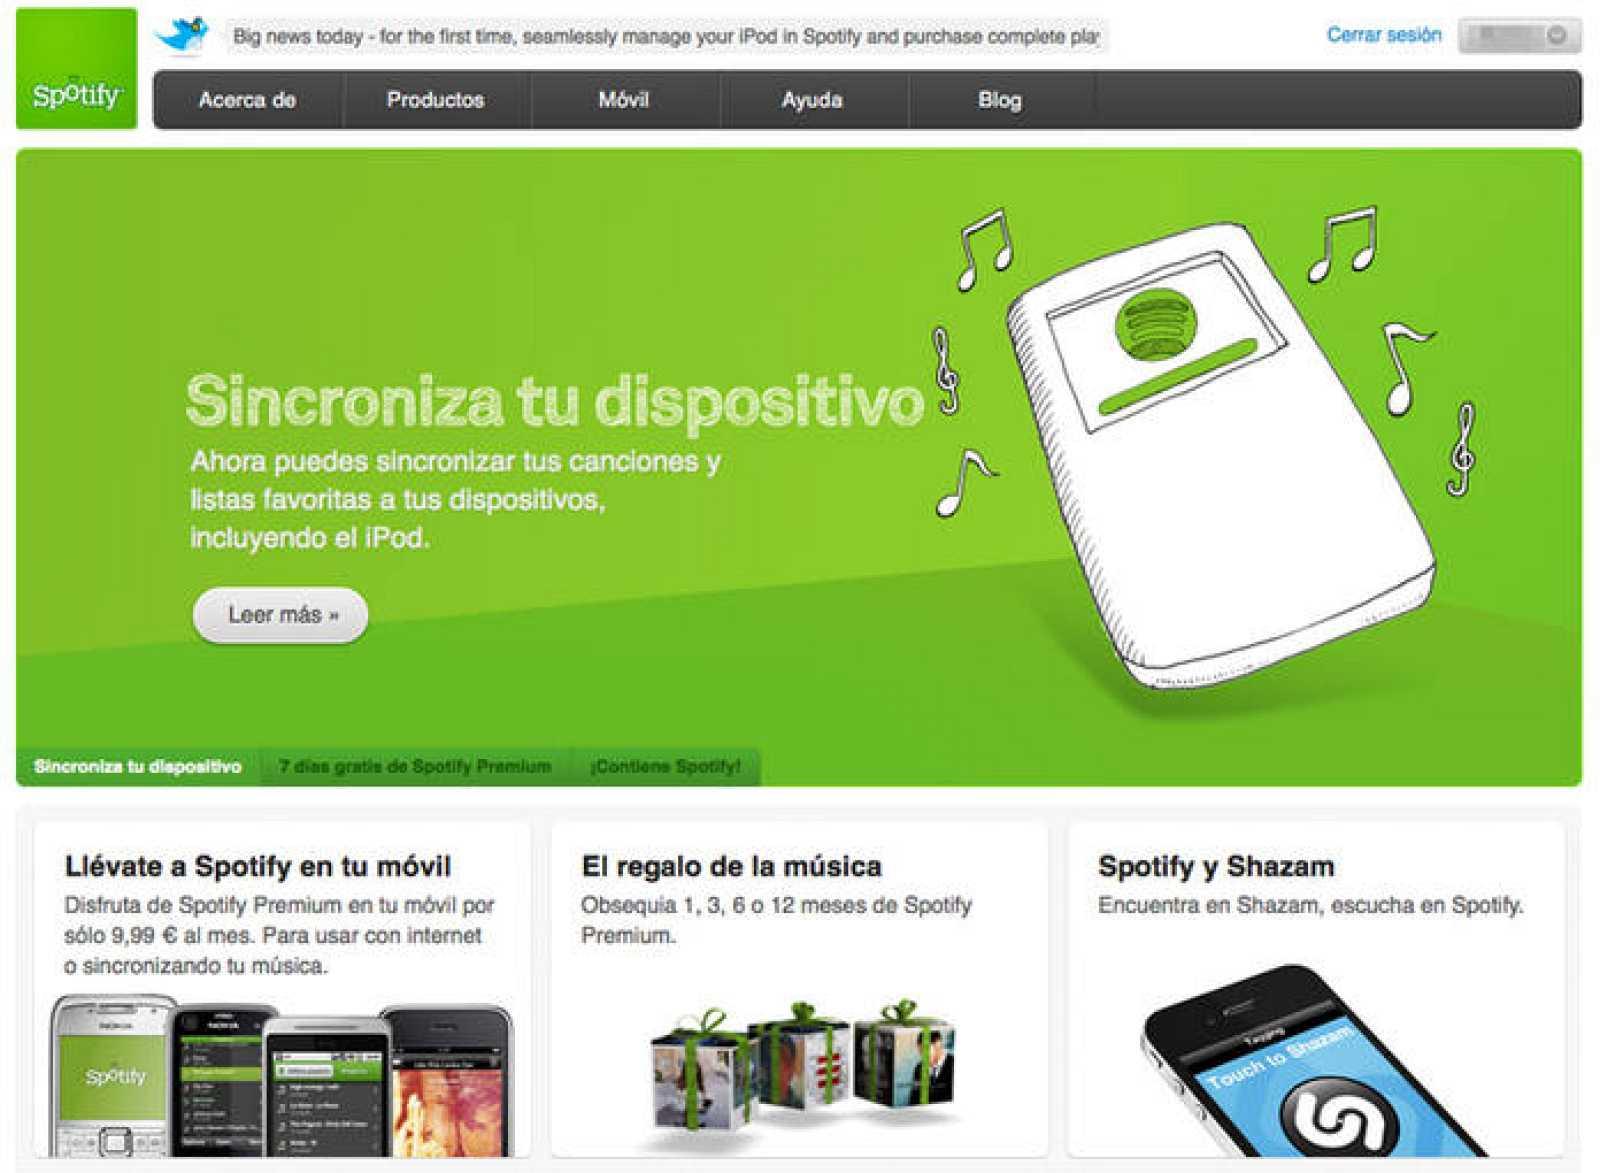 Spotify introduce un servicio de descarga para poder llevar las canciones al iPod